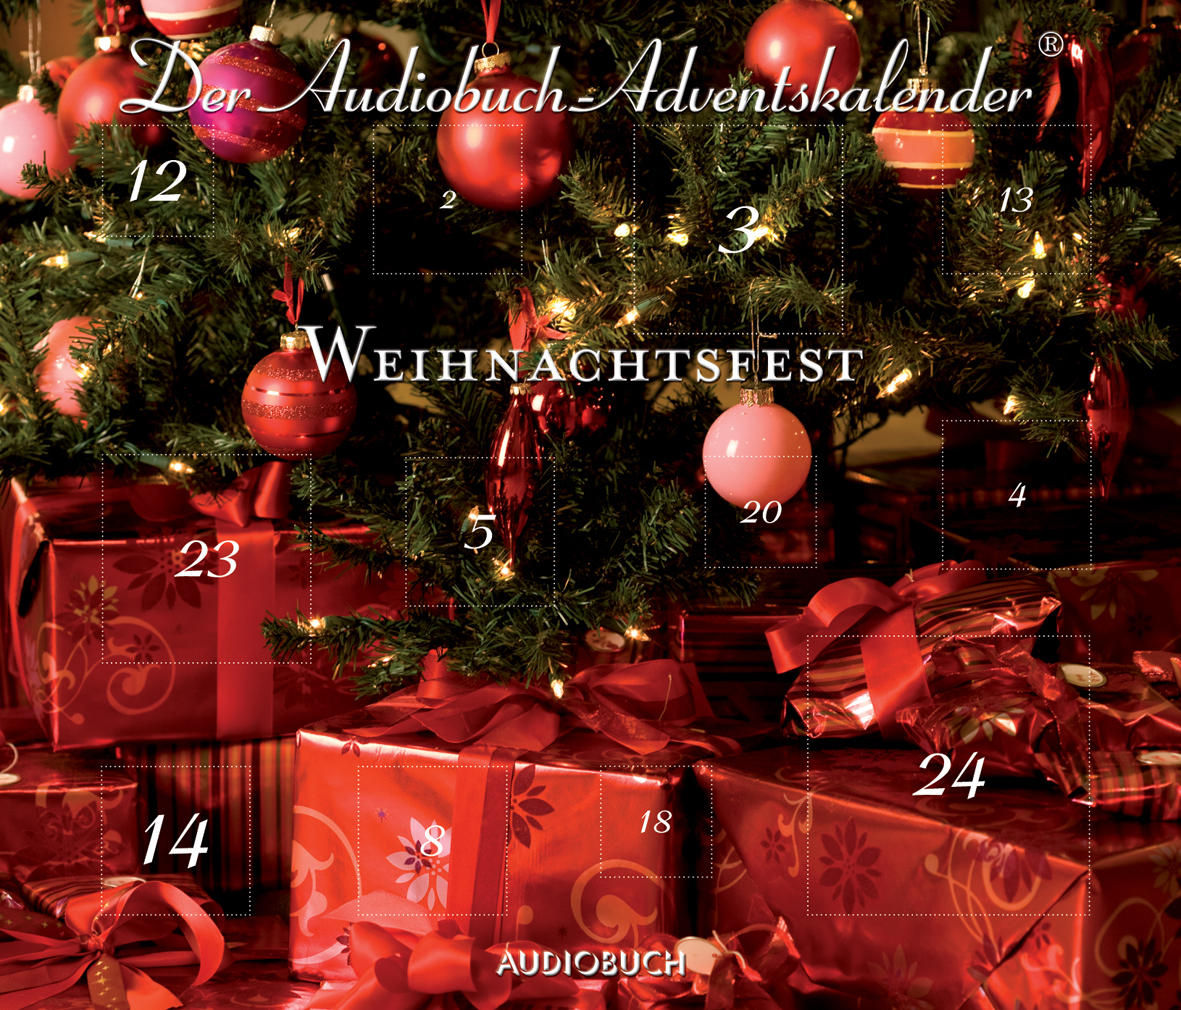 Weihnachtsfest Anna Thalbach